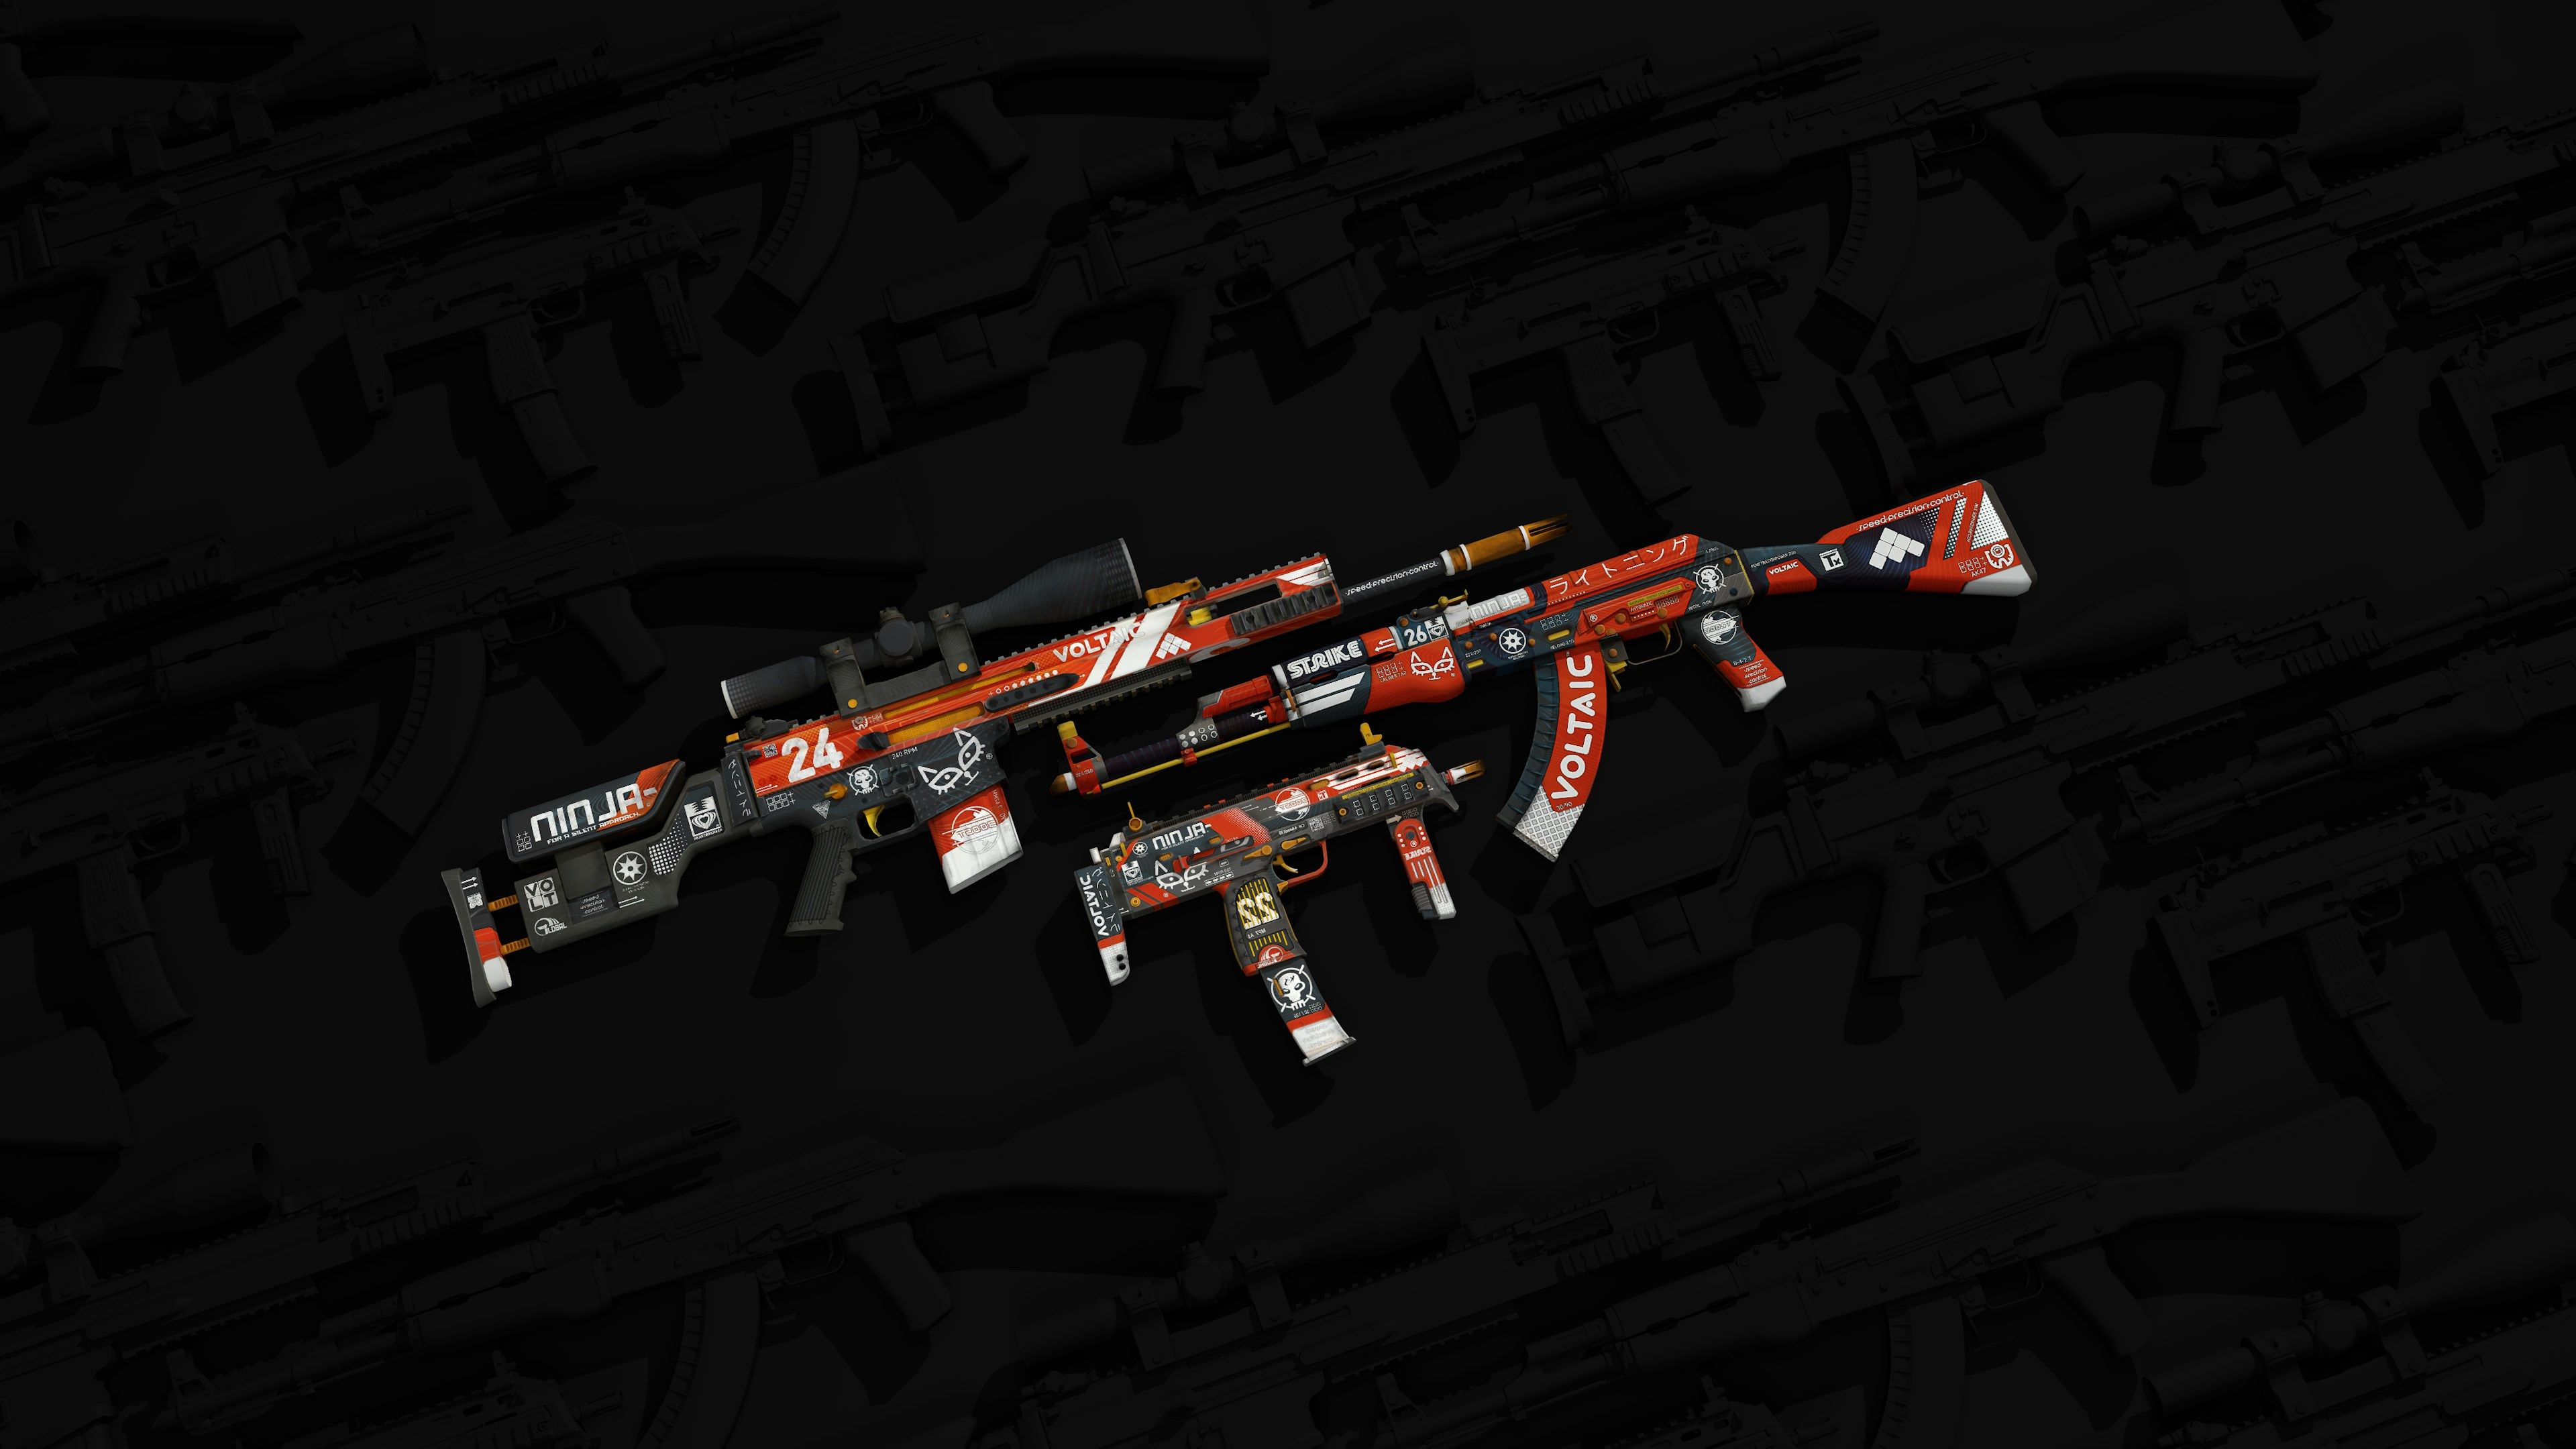 4k Bloodsport Wallpaper Games Globaloffensive Csgo Counterstrike Hltv Cs Steam Valve Djswat Cs16 Bloodsport Wallpaper Digital Design